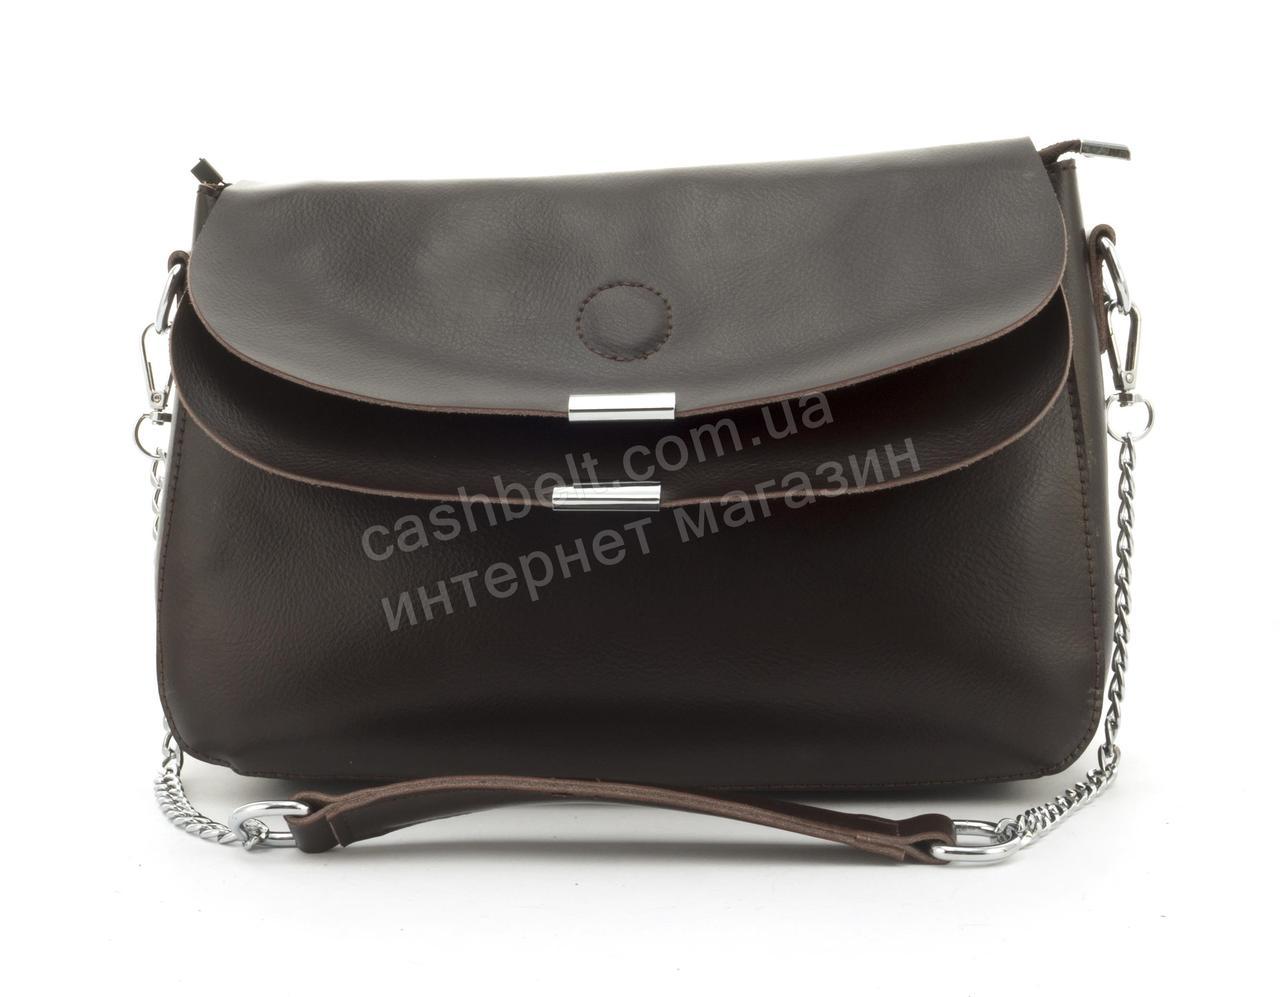 Удобная вместительная кожаная сумочка среднего размера SOLANA art. A103 Турция коричневая